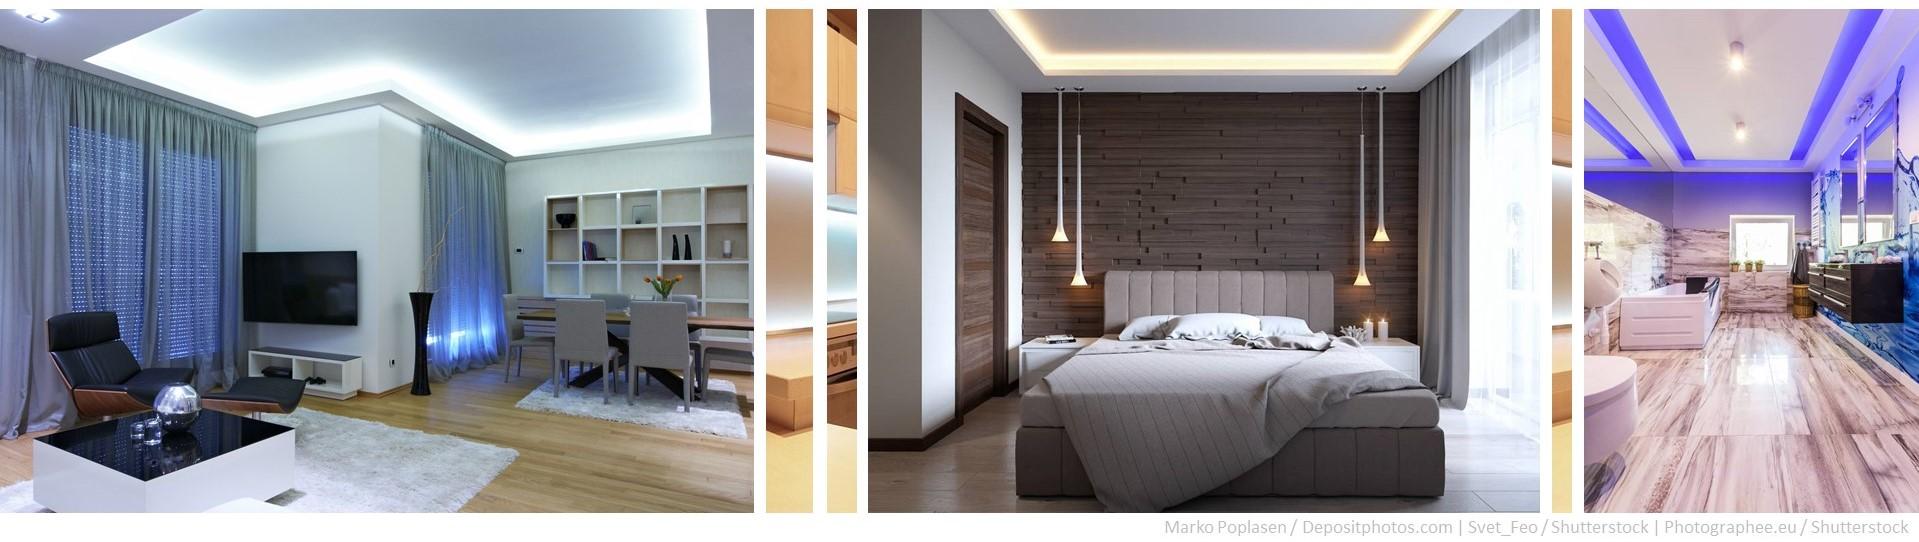 Indirekte Beleuchtung Mit Led Selber Bauen Auswahl Aufbau Tips